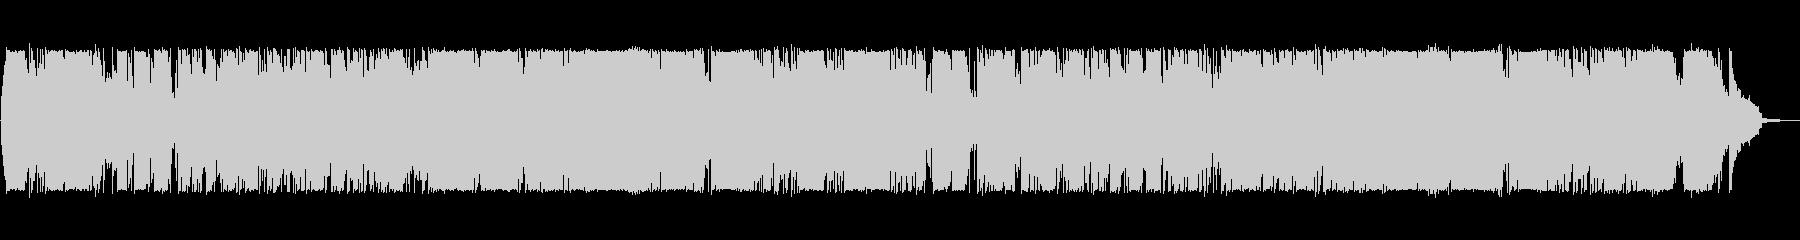 昭和を彷彿させる 可愛い 歌謡曲の未再生の波形